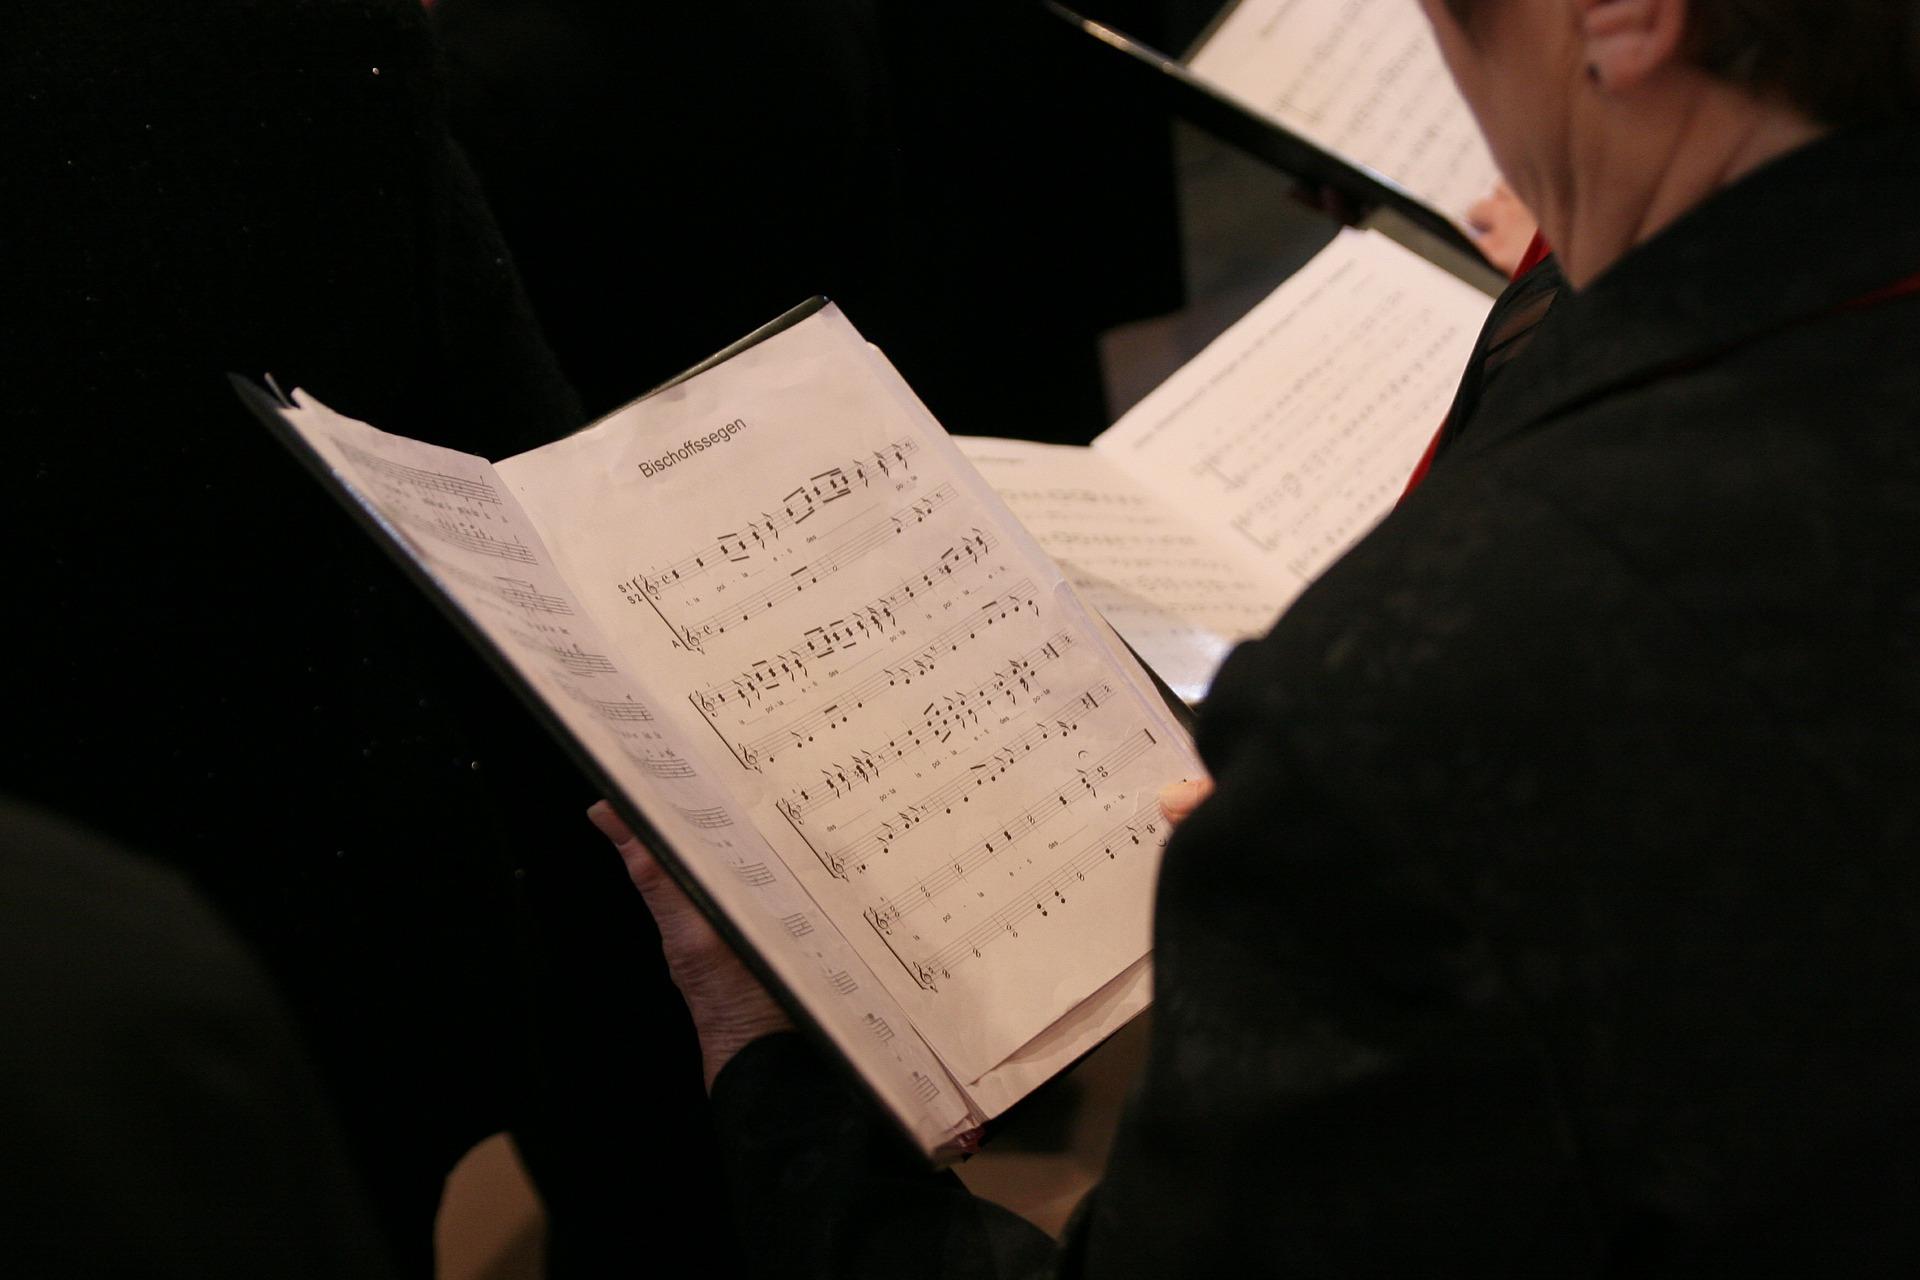 日曜日限定!ハーレム&ゴスペル 〜本場のゴスペル体験とハーレム観光〜